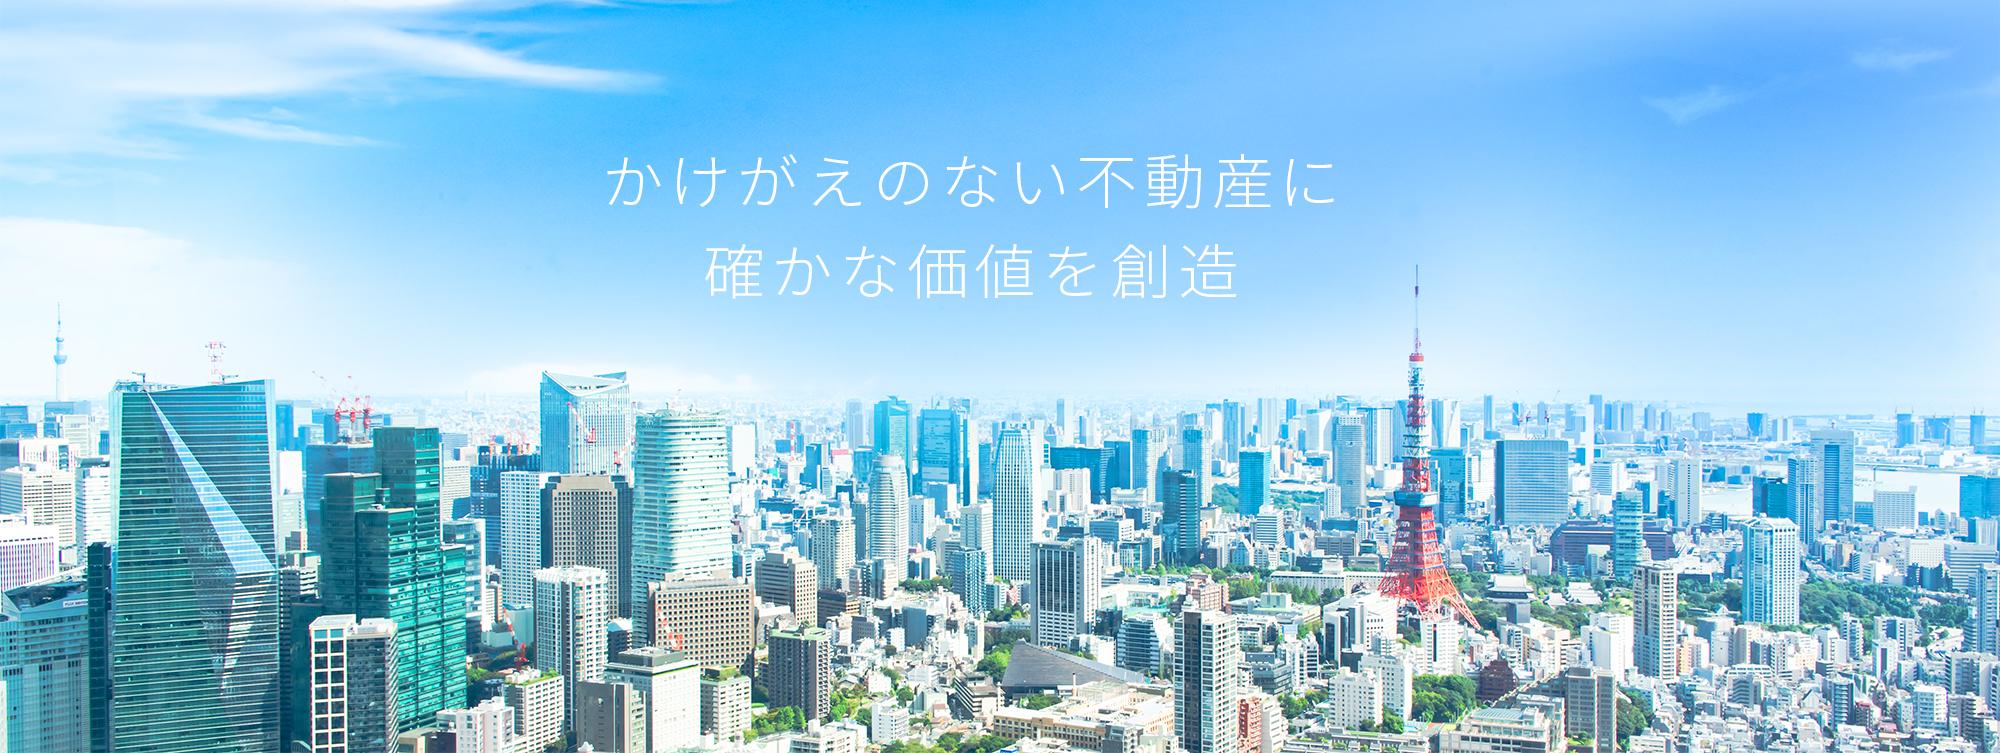 東和開発株式会社メイン画像